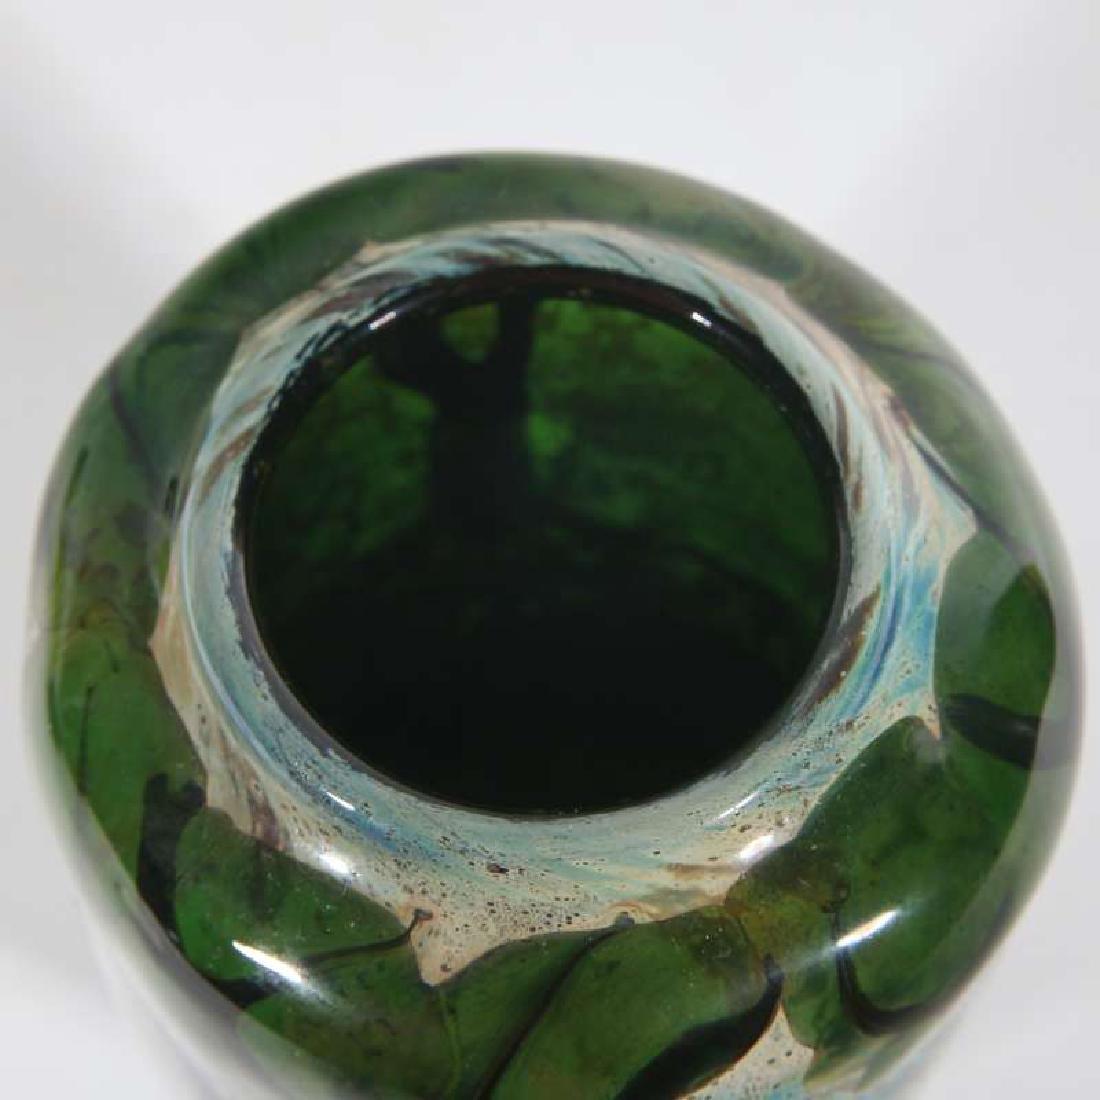 A JOHN NYGREN STUDIO GLASS VASE - 5